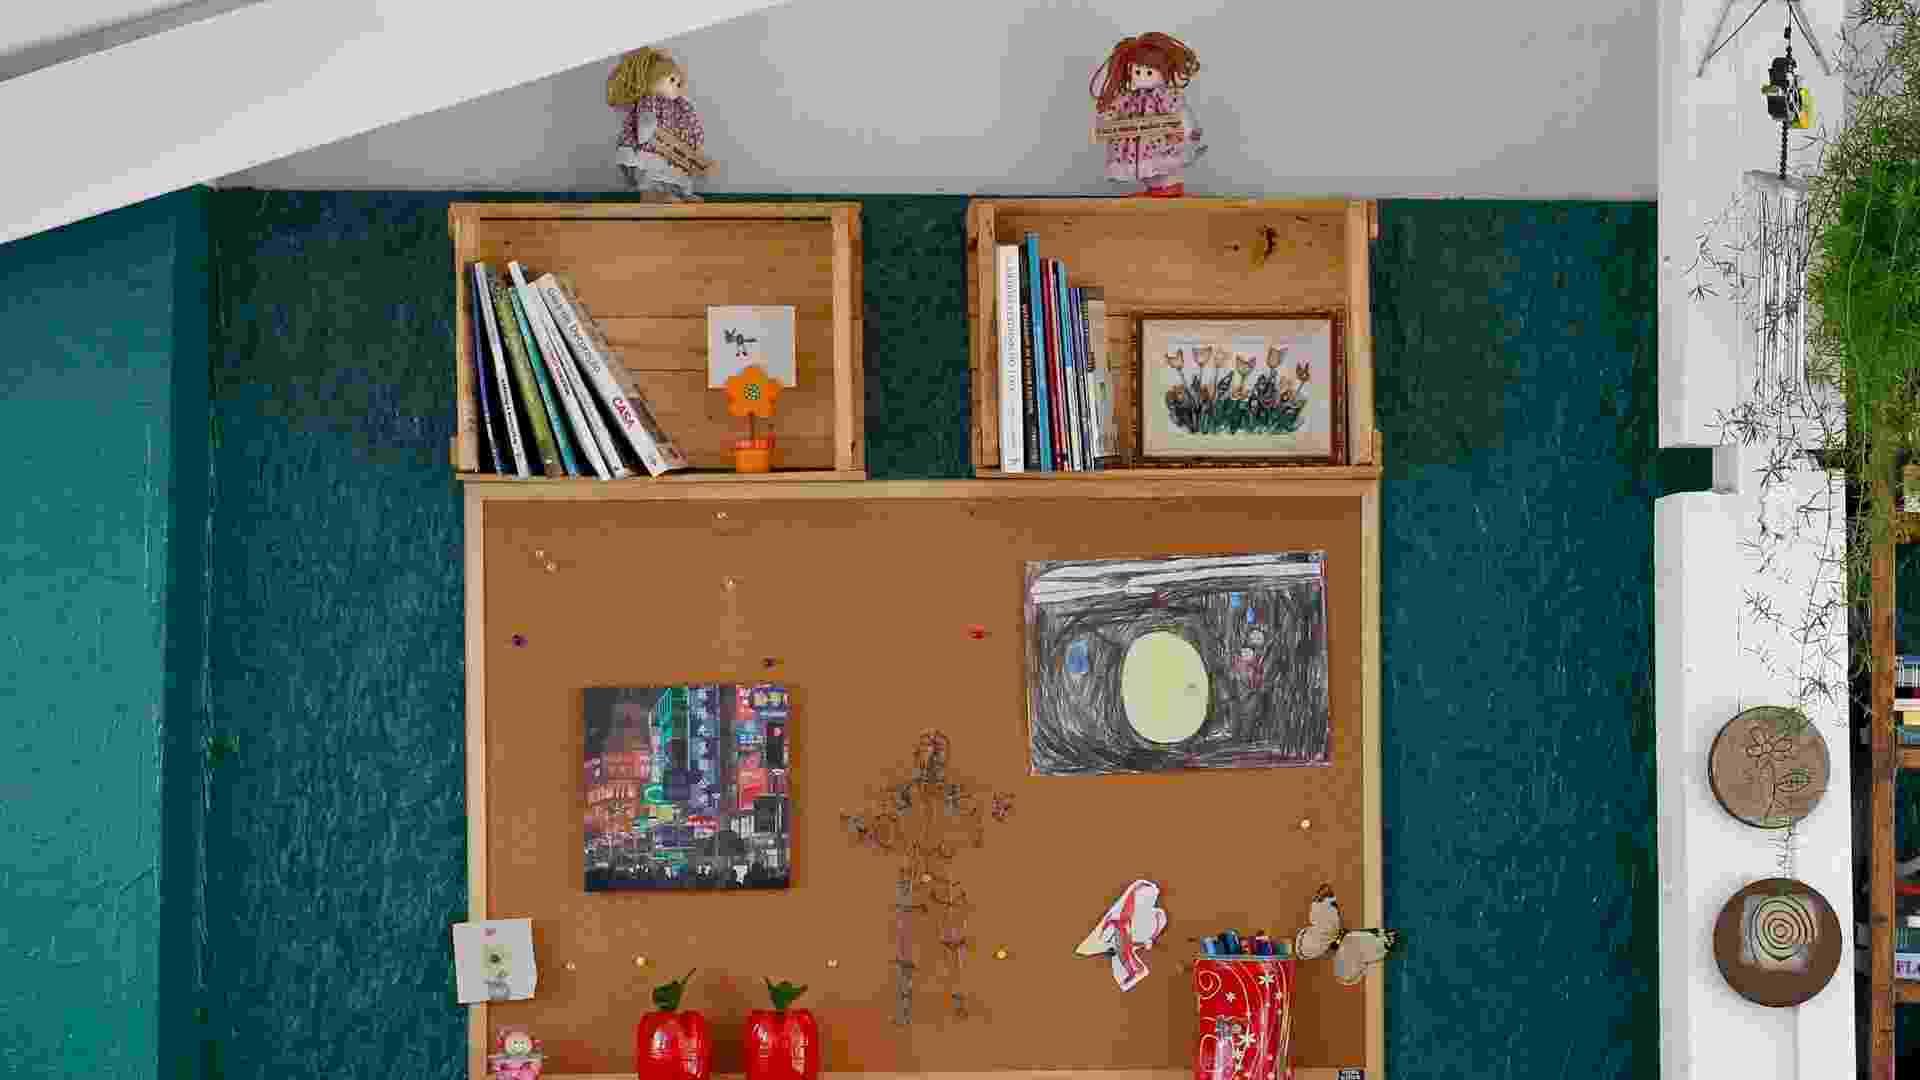 Passo a passo: estante de caixote de frutas (2012) - Leandro Moraes/UOL